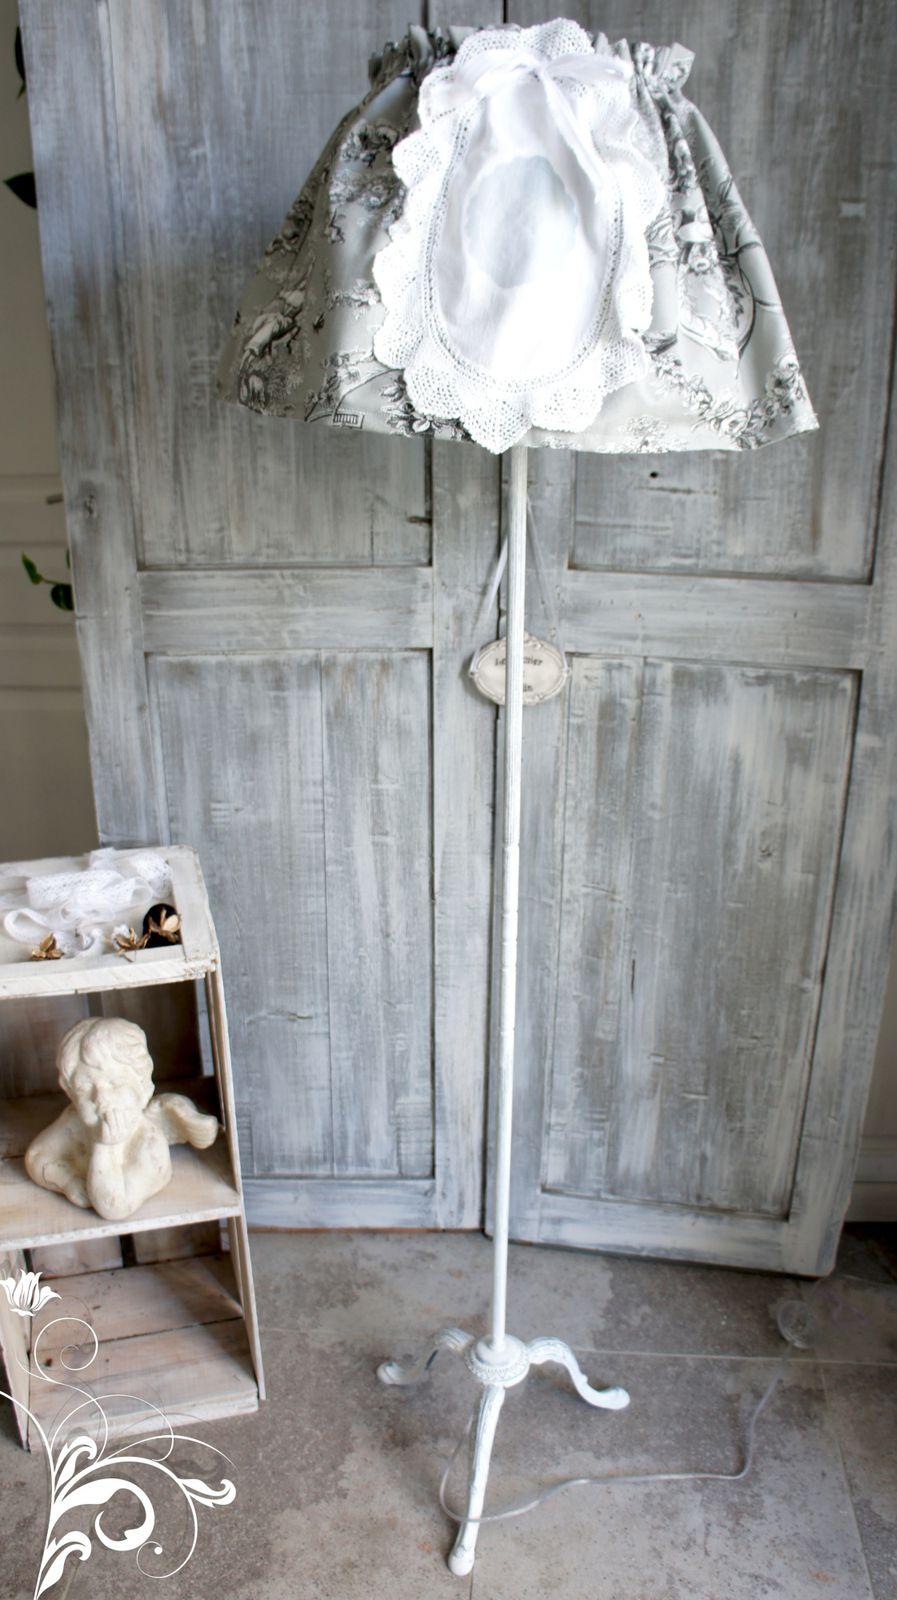 lampadaire romantique relooking de meubles meubles patin s d coration patine cr ation de. Black Bedroom Furniture Sets. Home Design Ideas